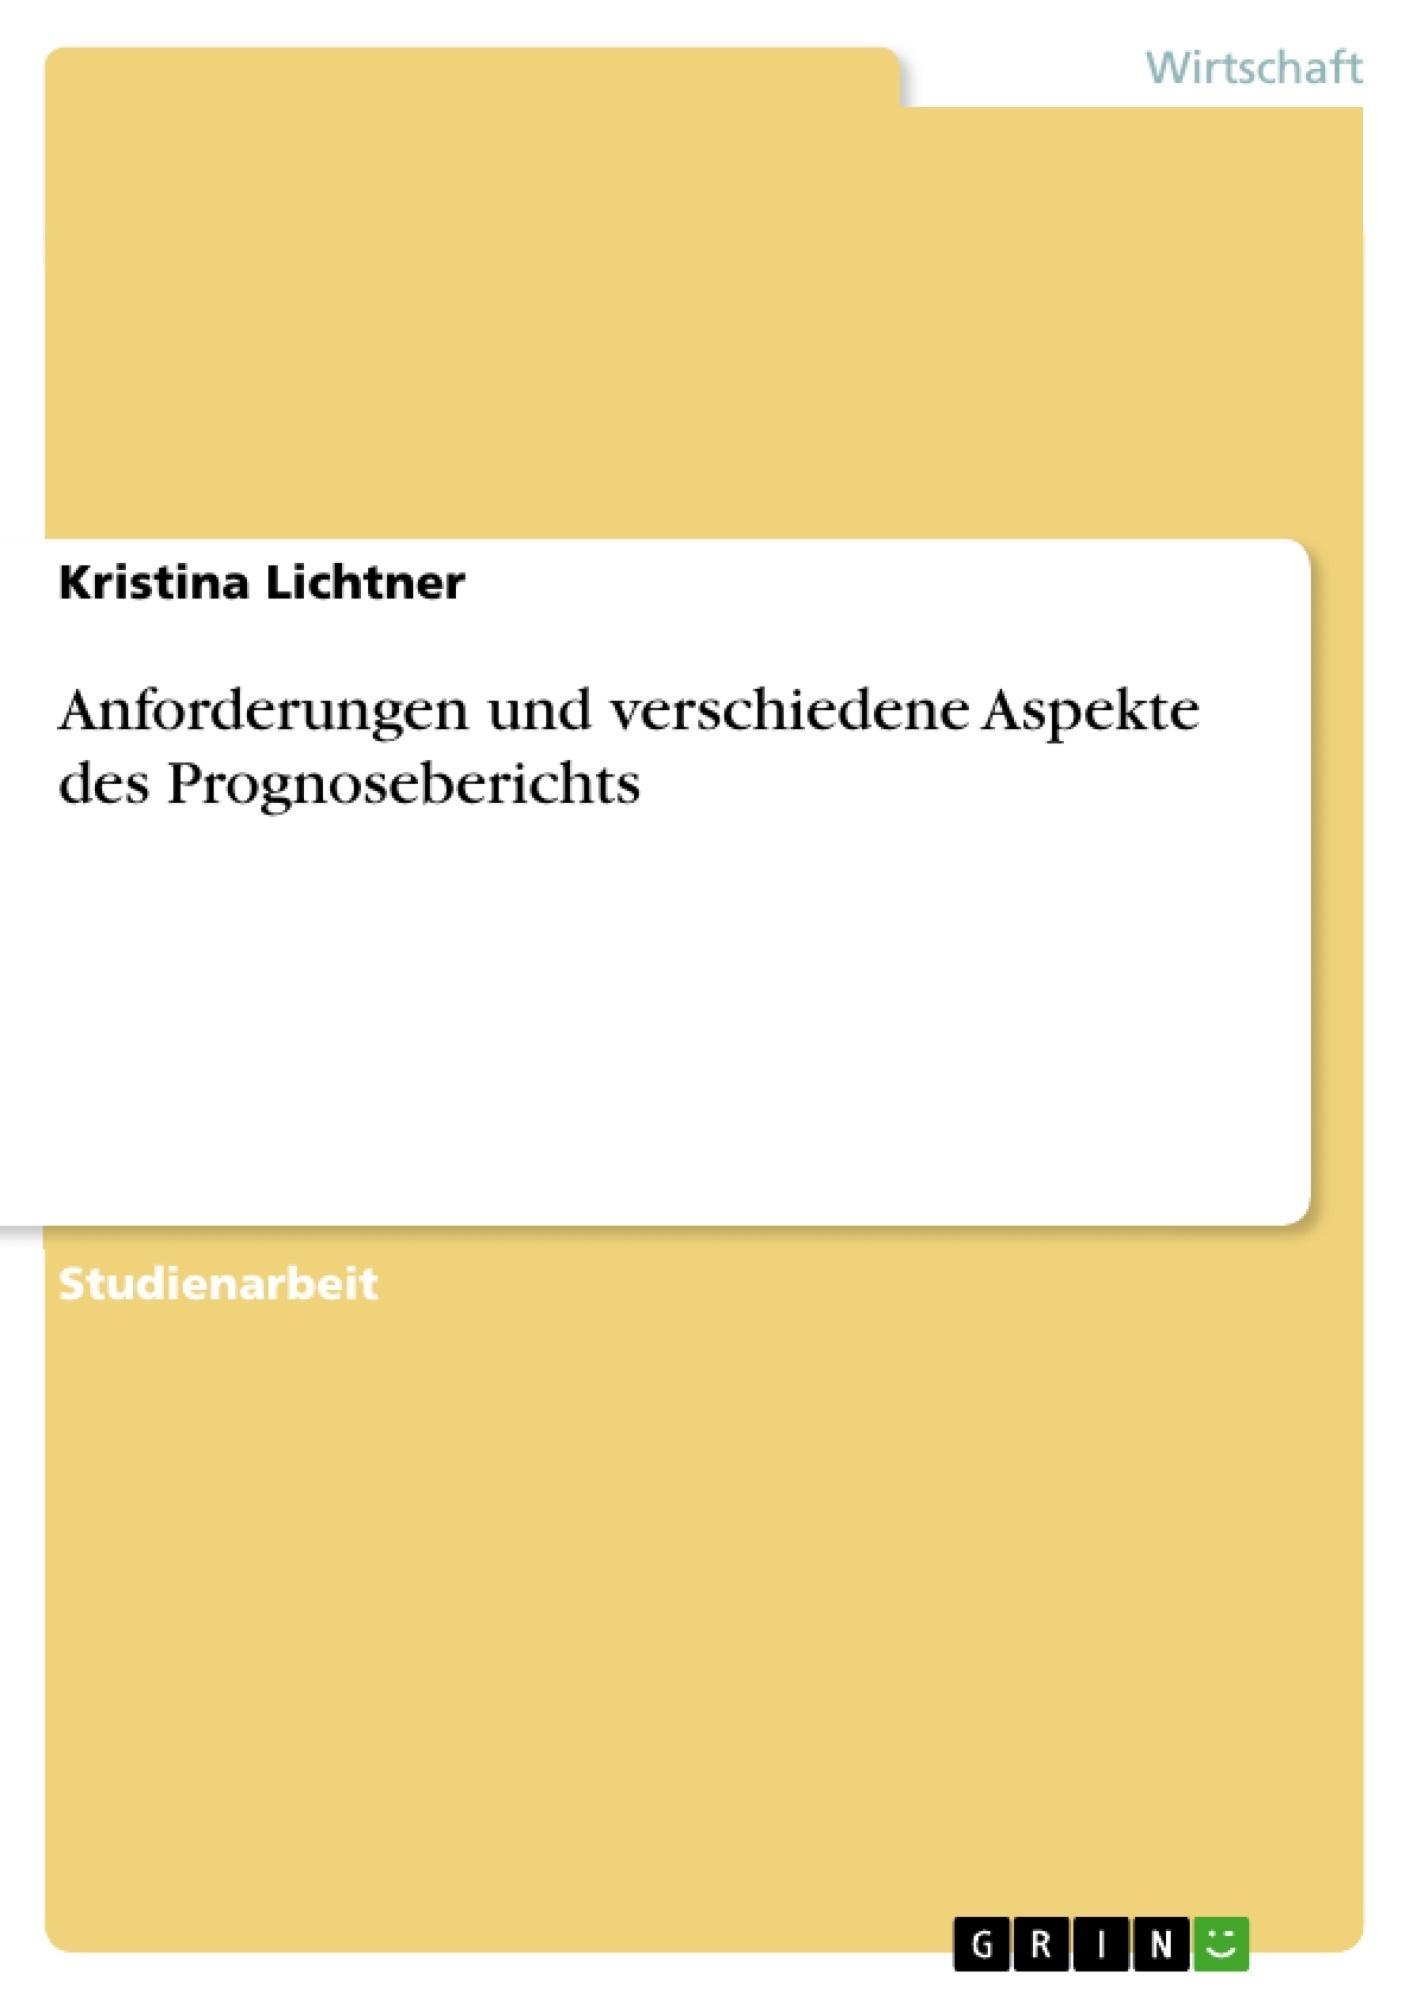 Titel: Anforderungen und verschiedene Aspekte des Prognoseberichts